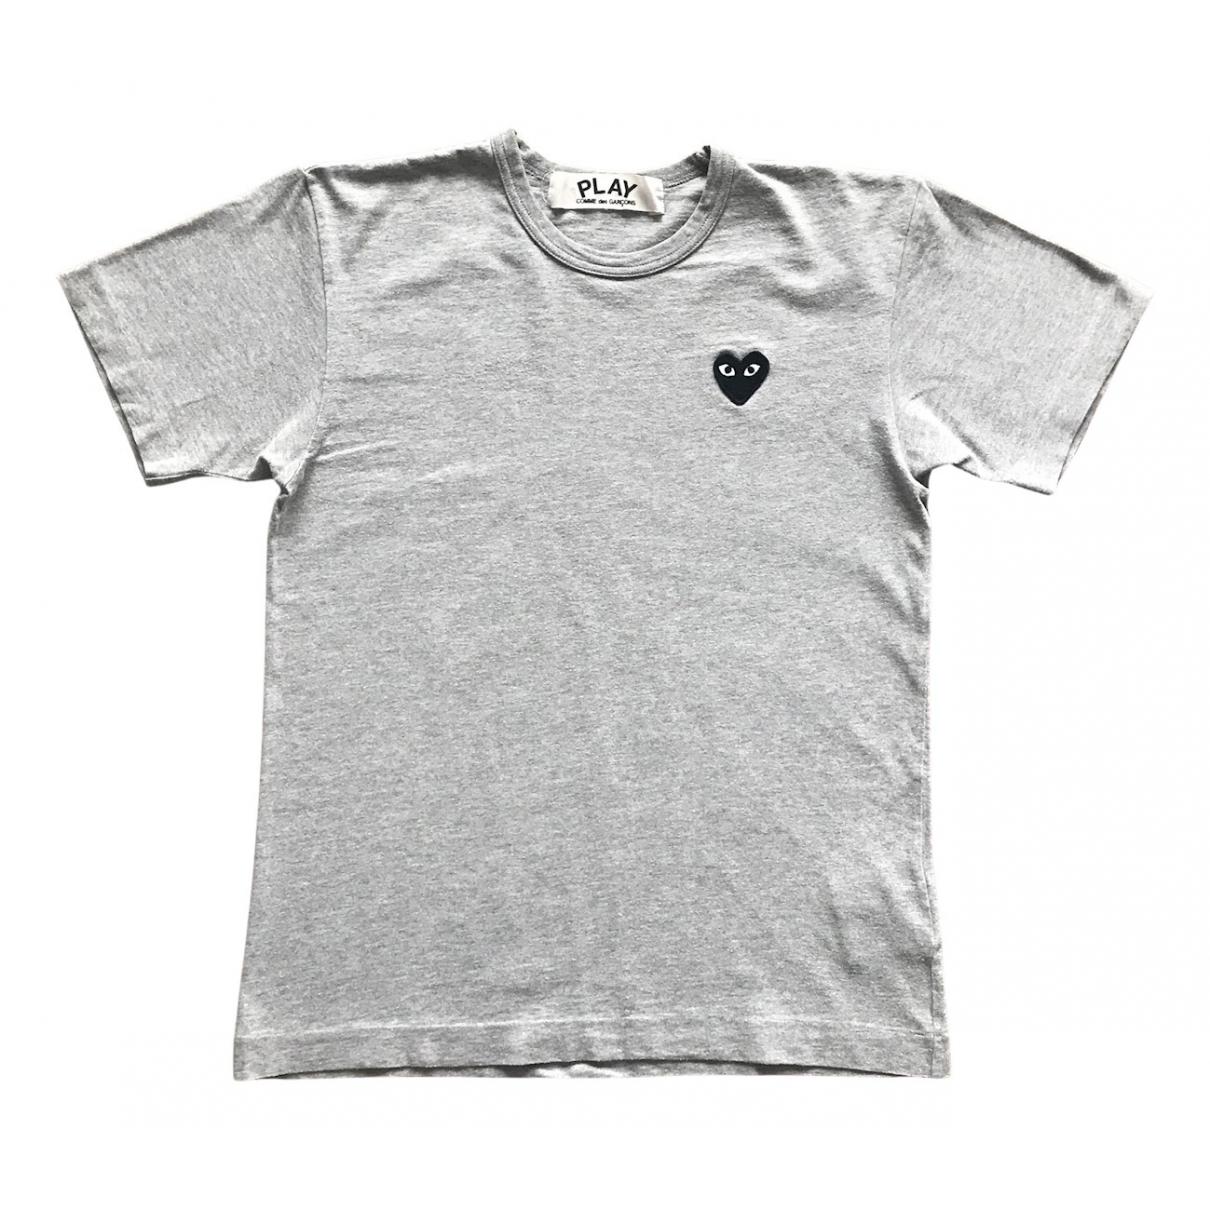 Play Comme Des Garcons - Tee shirts   pour homme en coton - gris